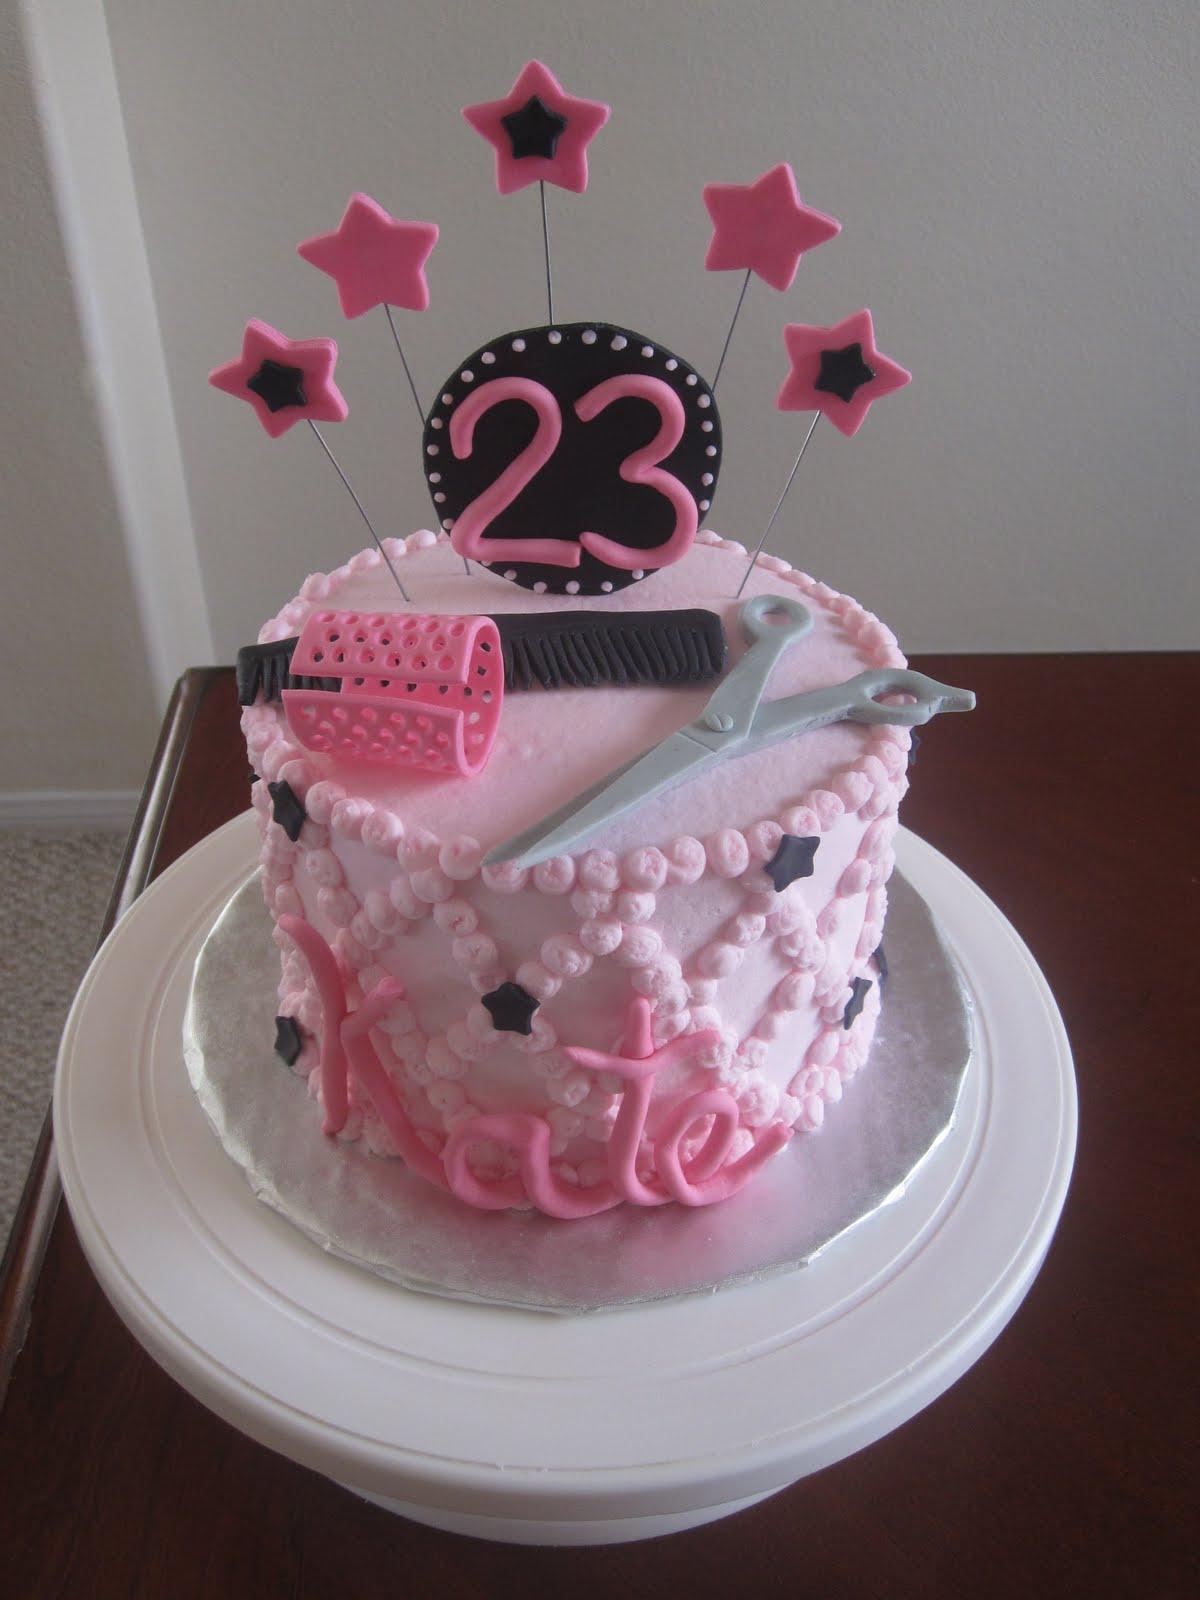 Baby Shower Cakes: Hairdresser Cake